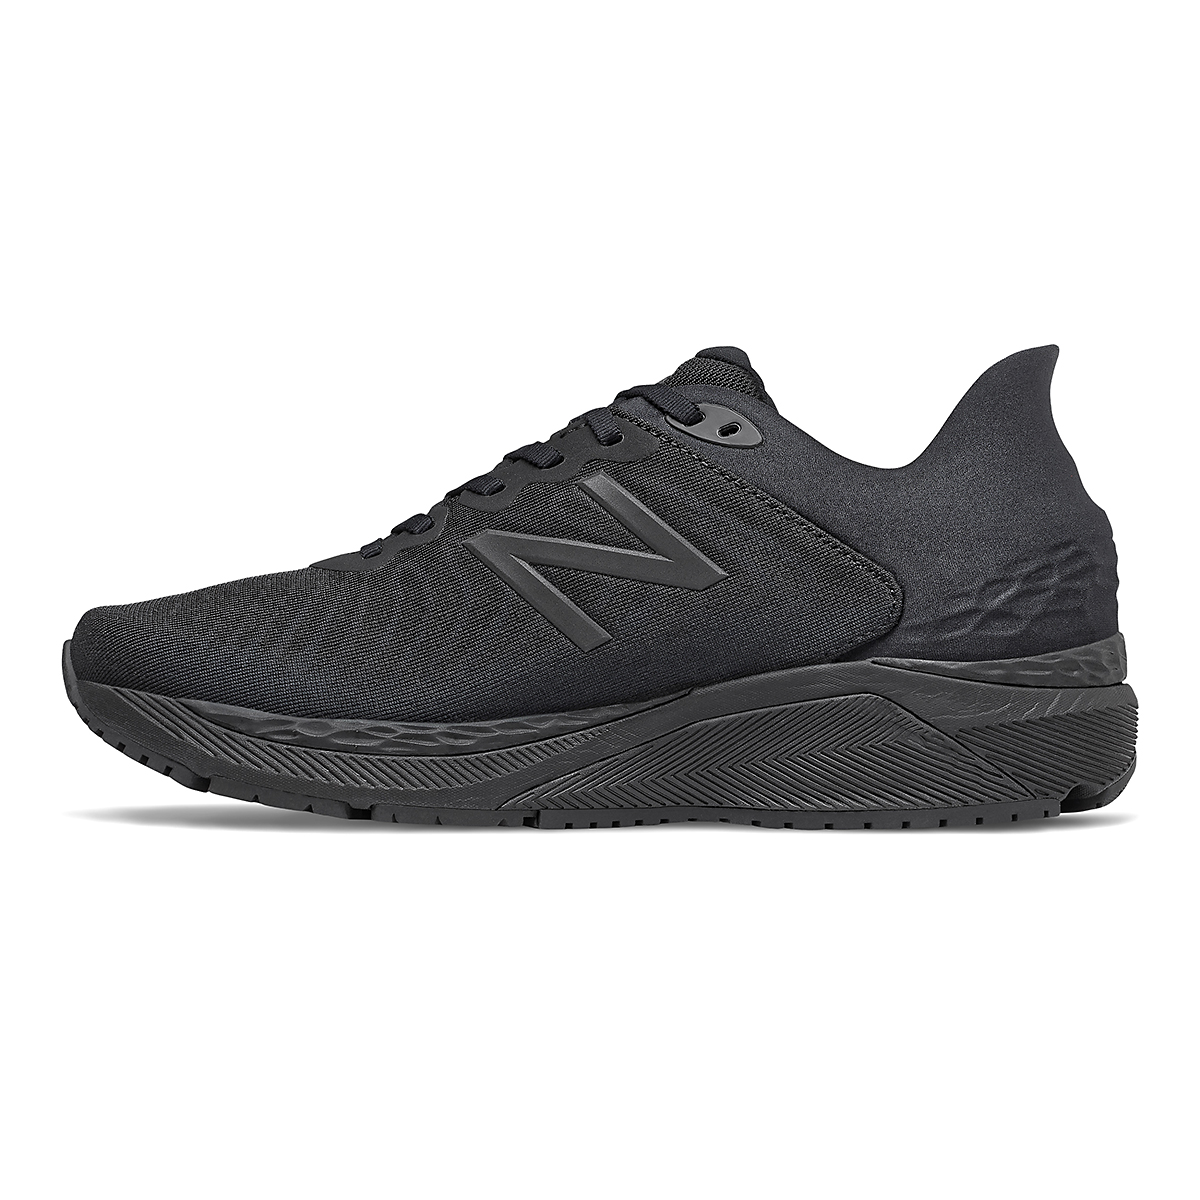 Men's New Balance 860V11 Running Shoe - Color: Black - Size: 8.5 - Width: Regular, Black, large, image 2